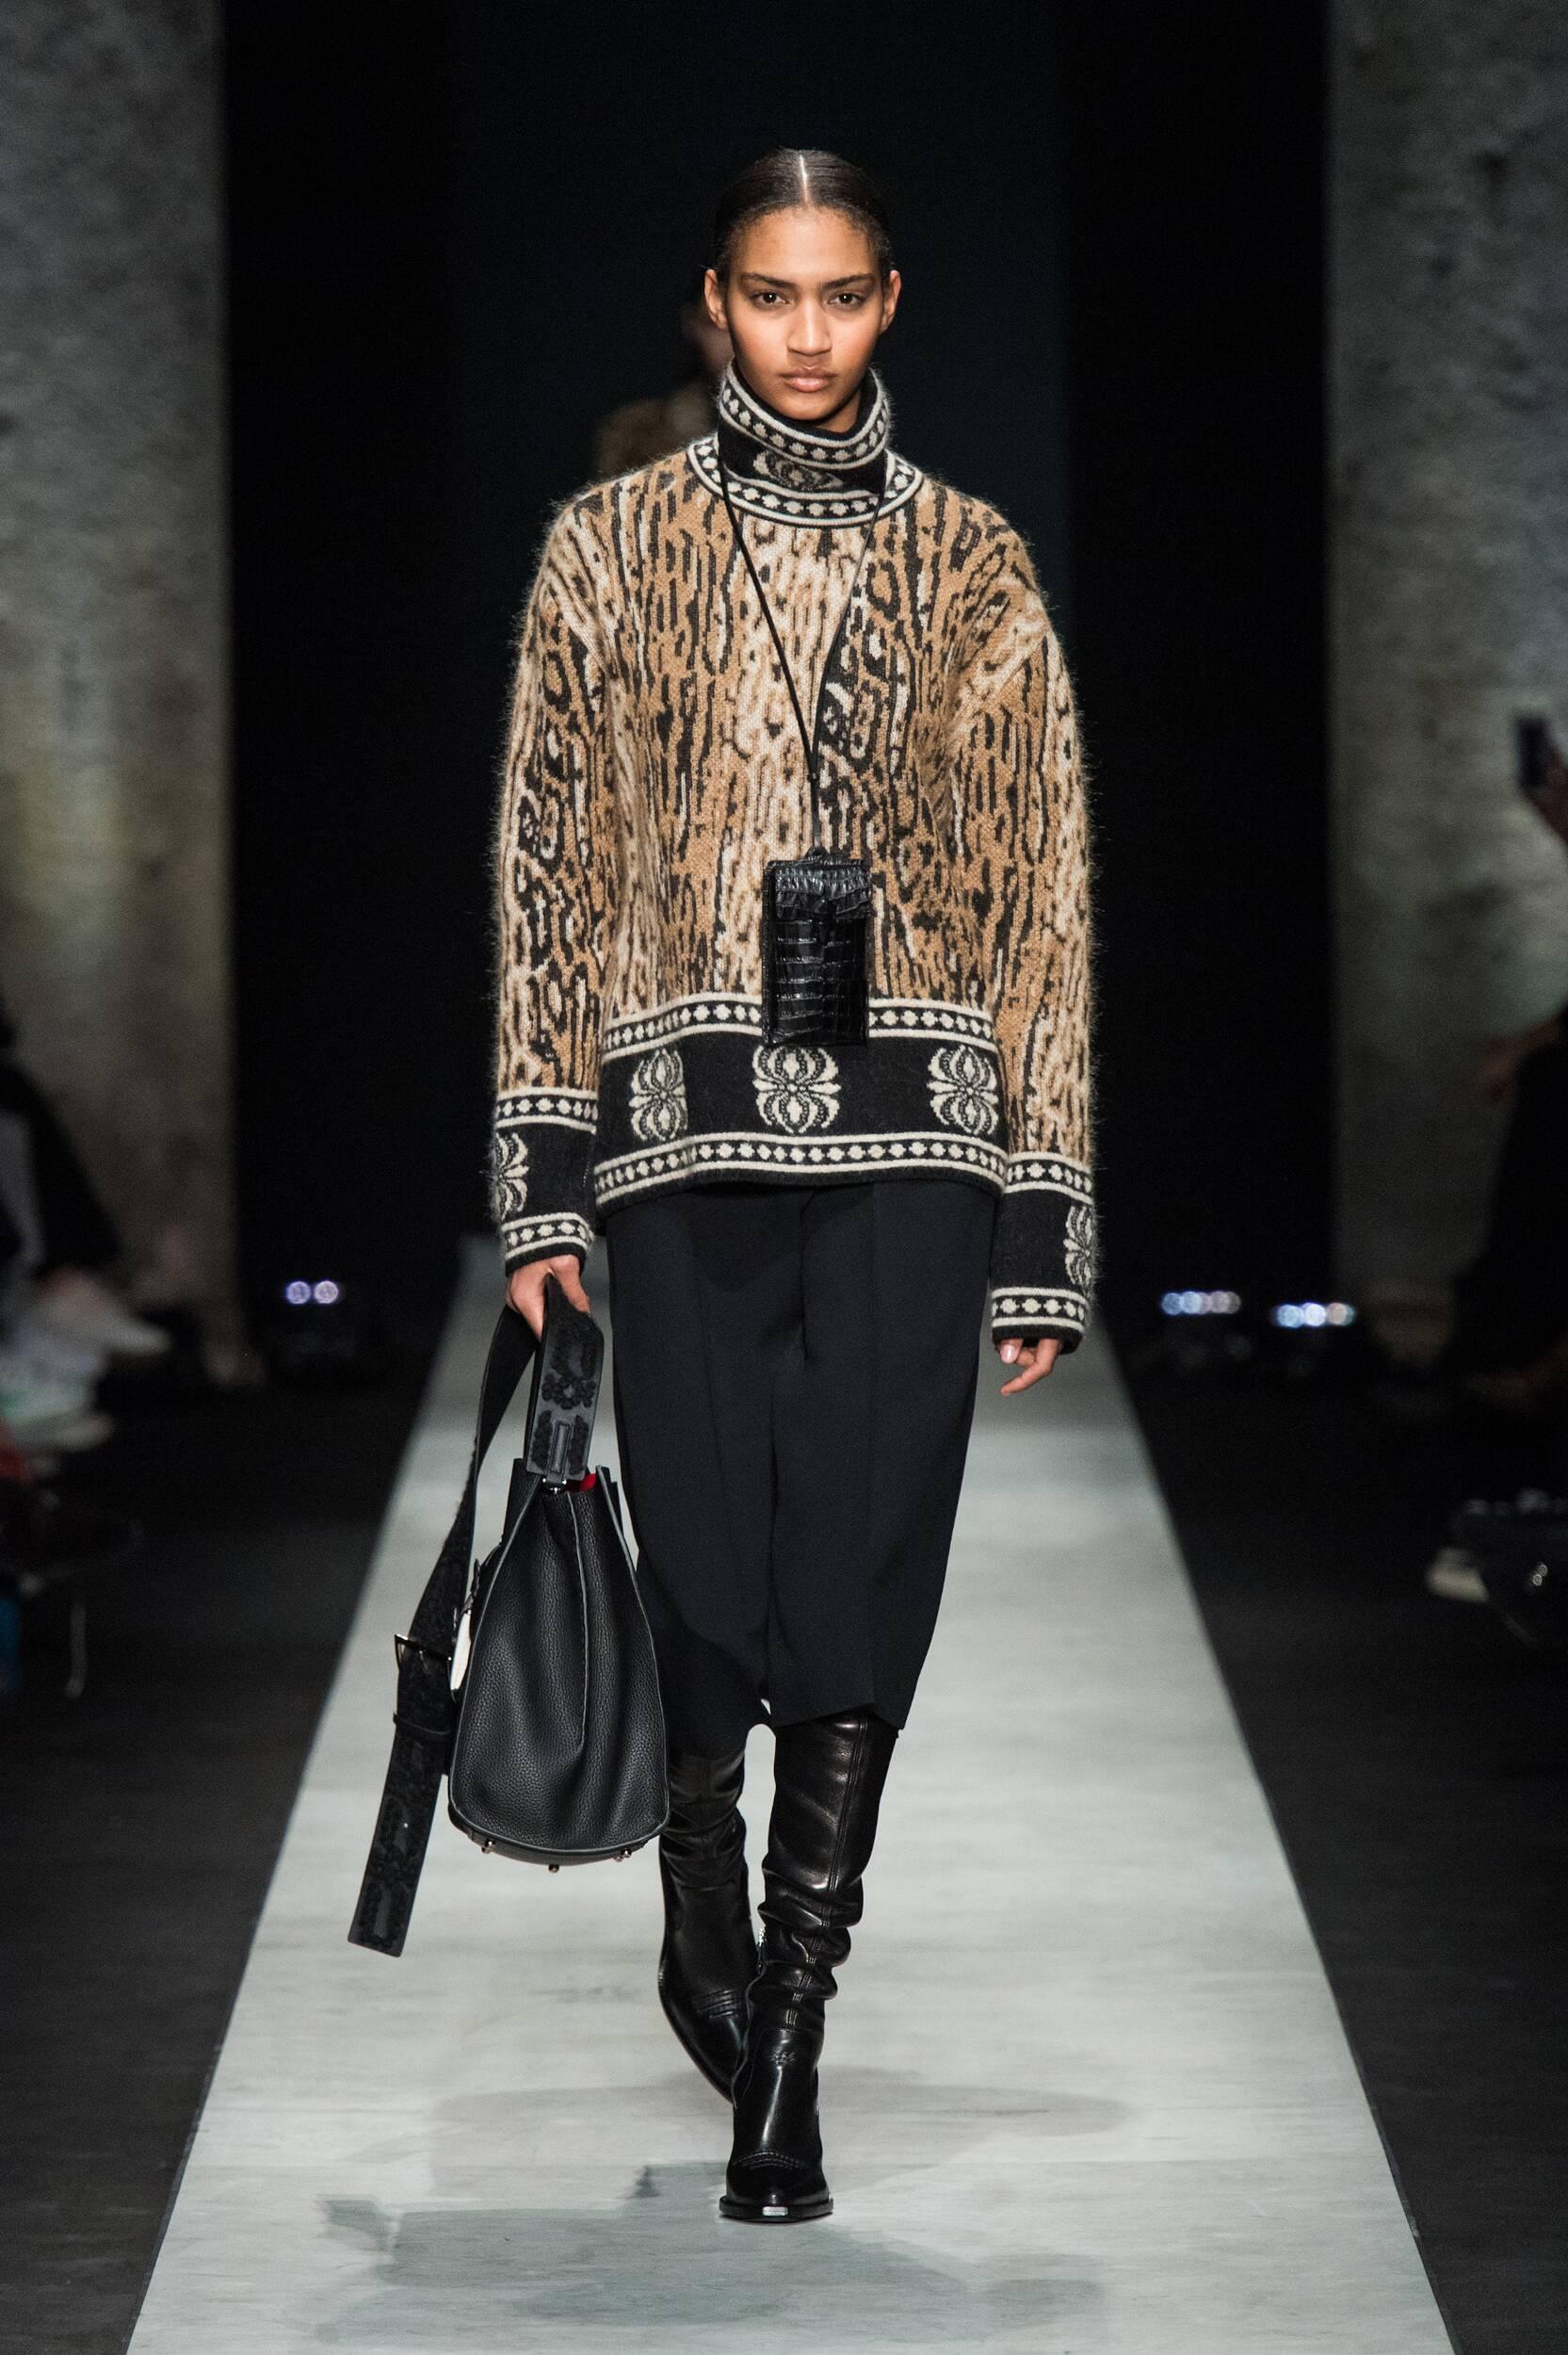 Fall Fashion Trends 2020-21 Ermanno Scervino